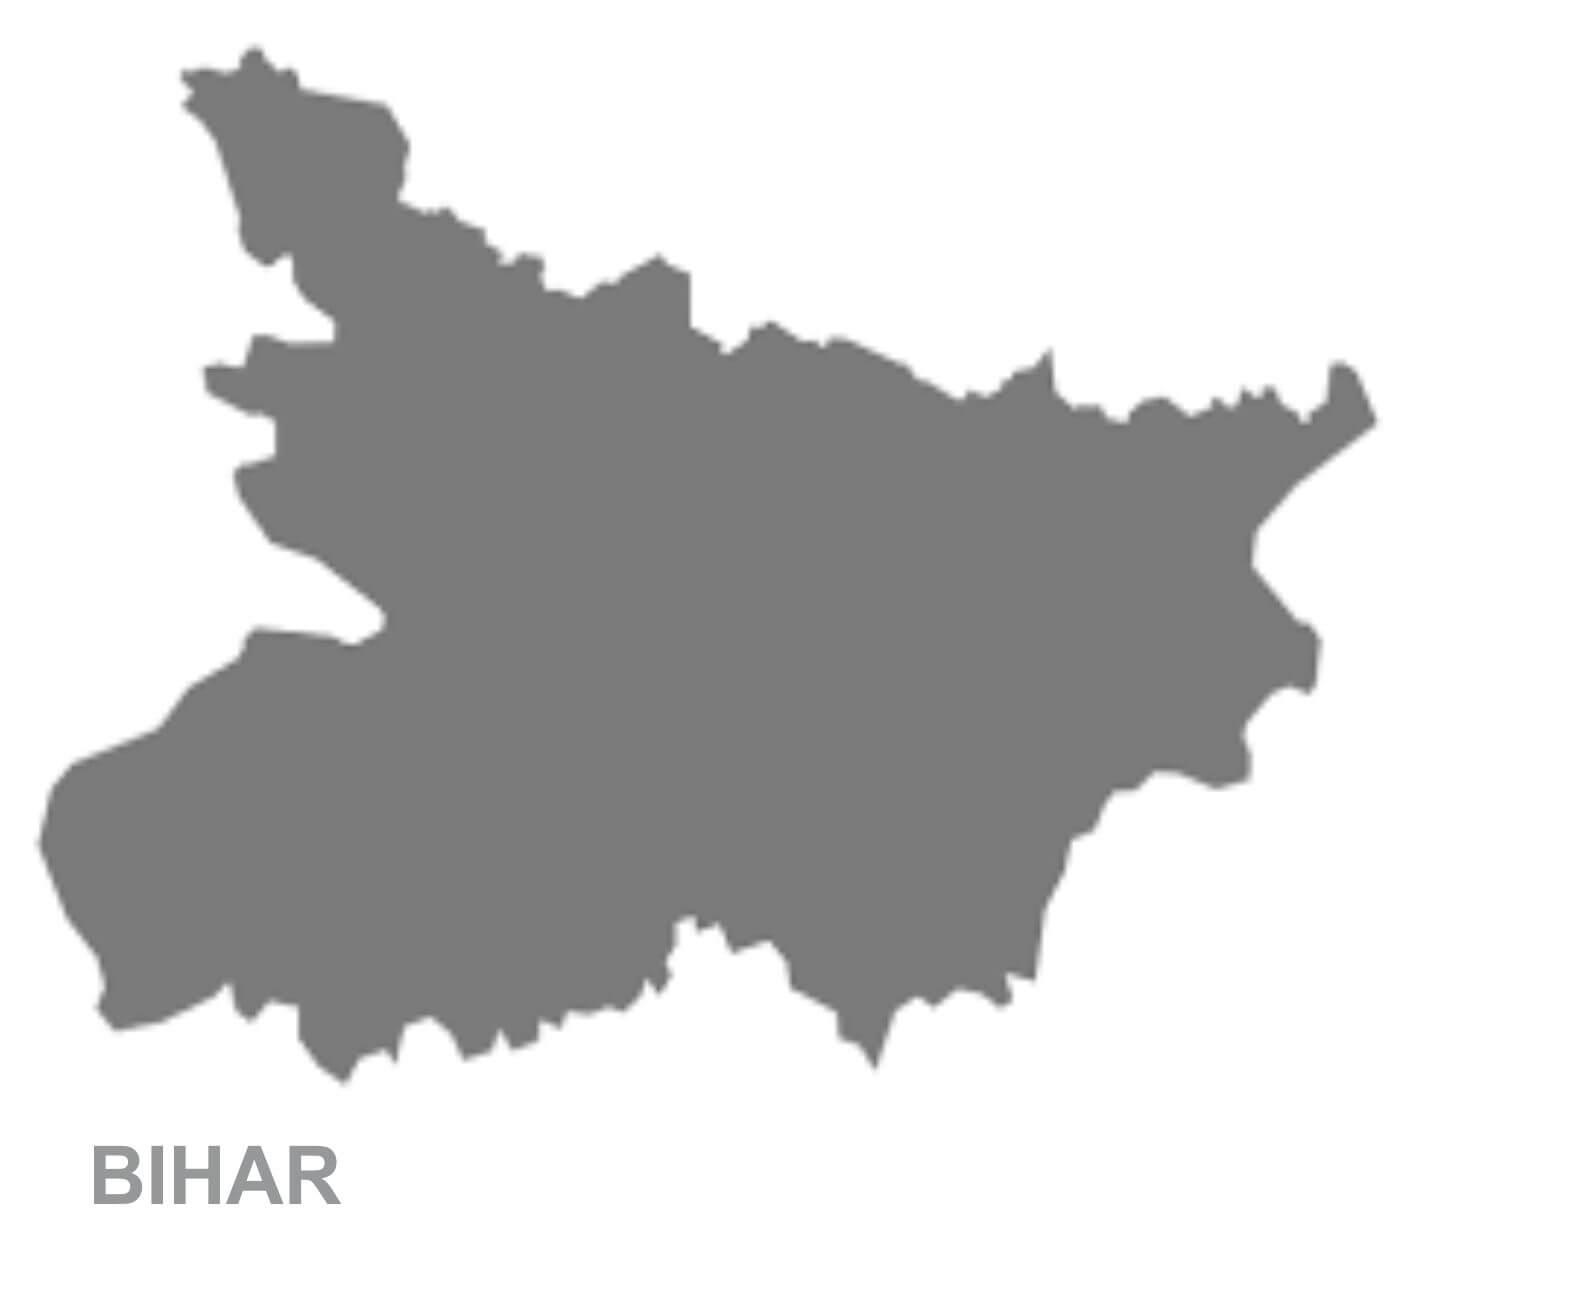 BIHAR & JHARKHAND